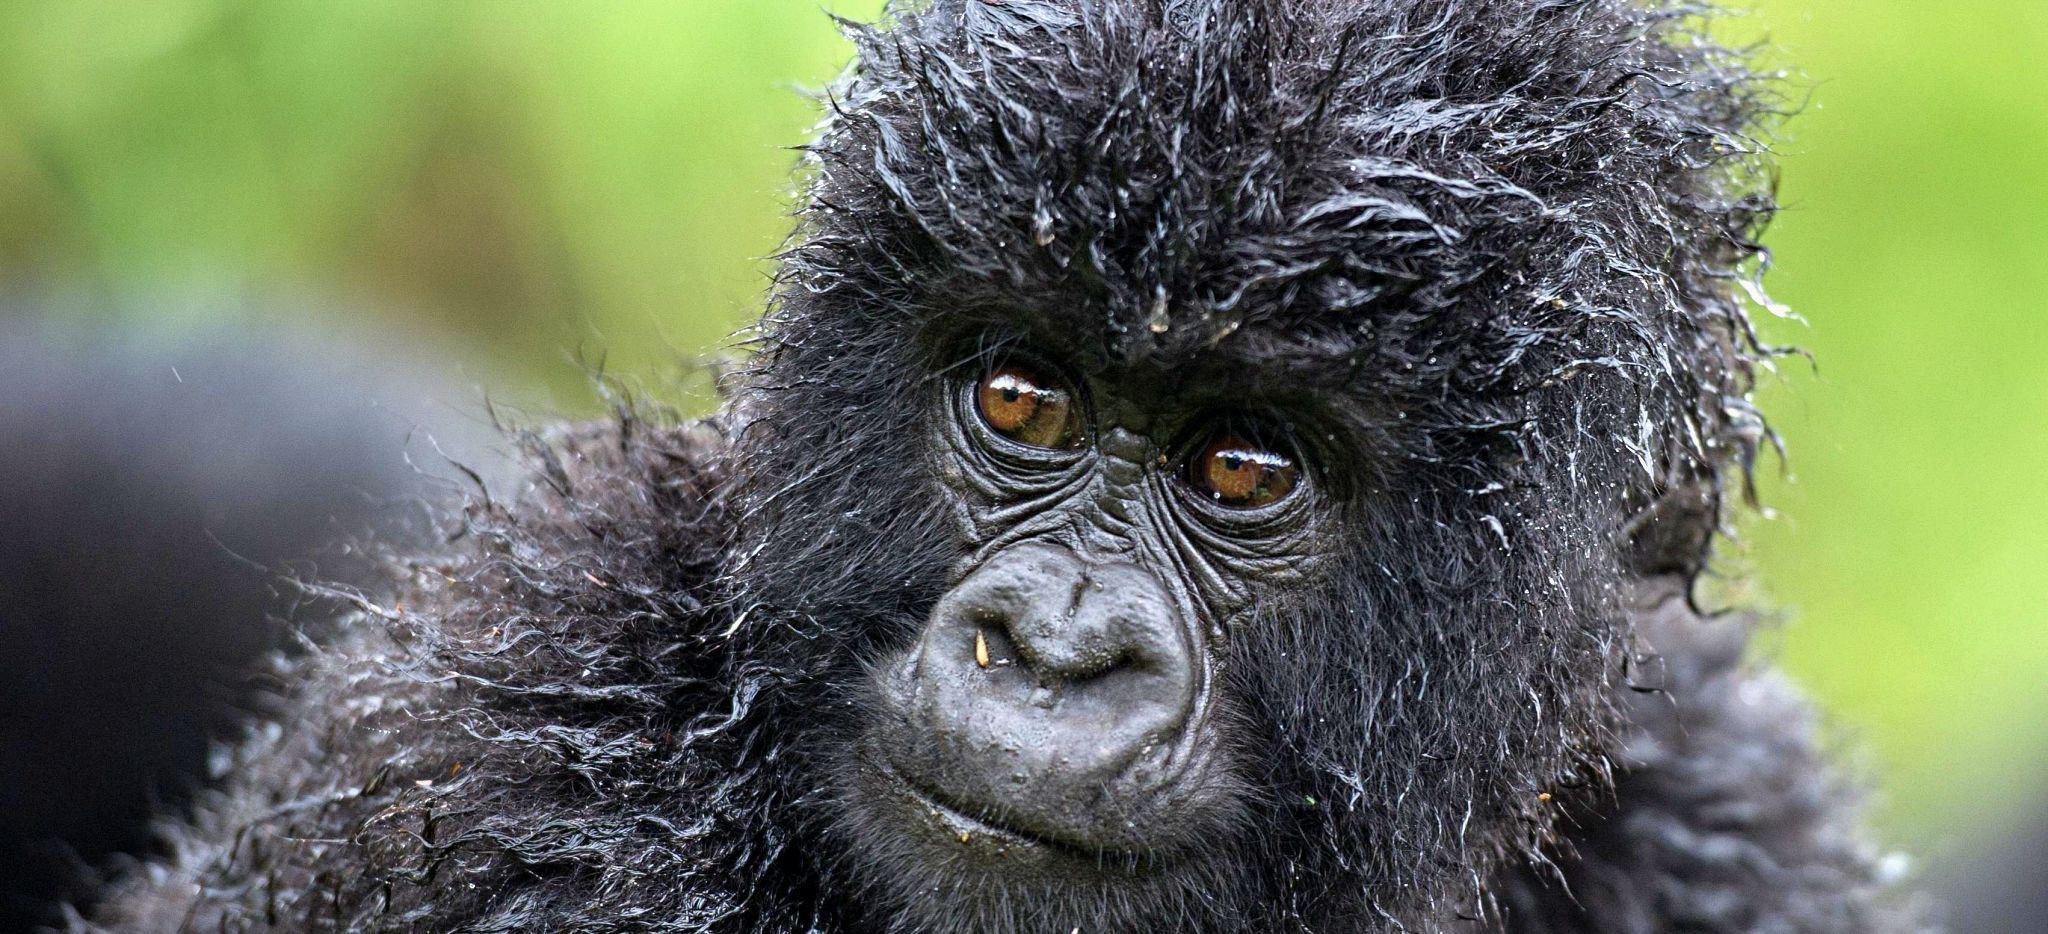 Gorilla-Junges im Dschungel von Ruanda nahe der Bisate Lodge, Ruanda